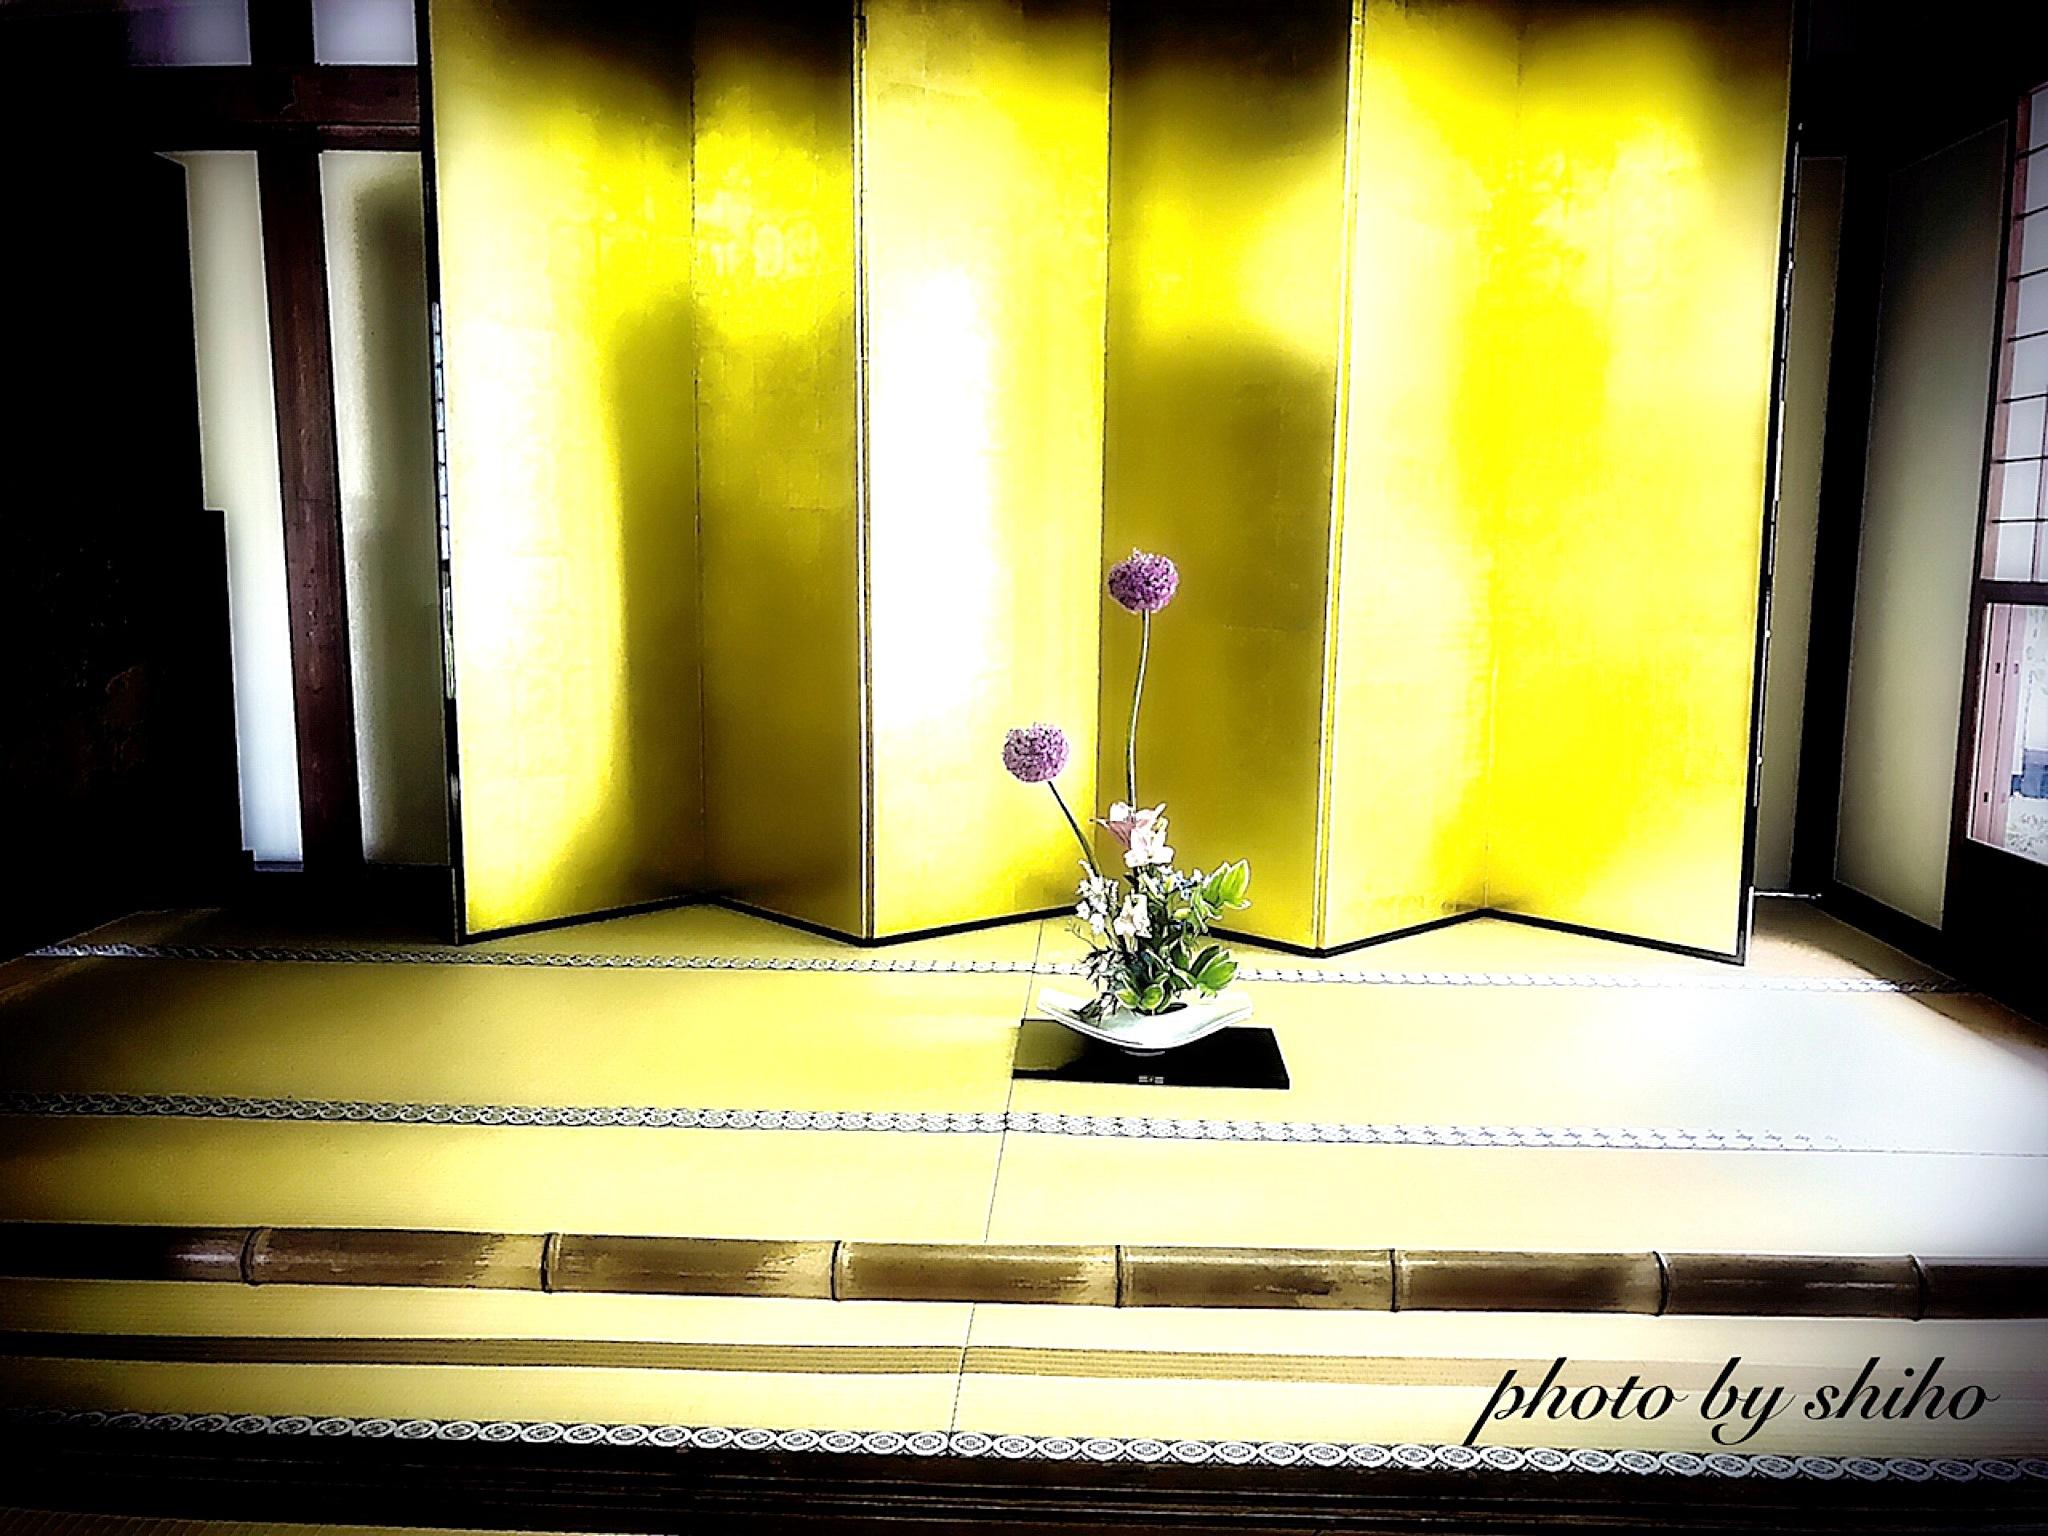 Ninnaji-temple   Kyoto Prefecture Kyoto-city Ukyo-Ward mimuroouti 33   https://ninnaji.wordpress.com by Shiho